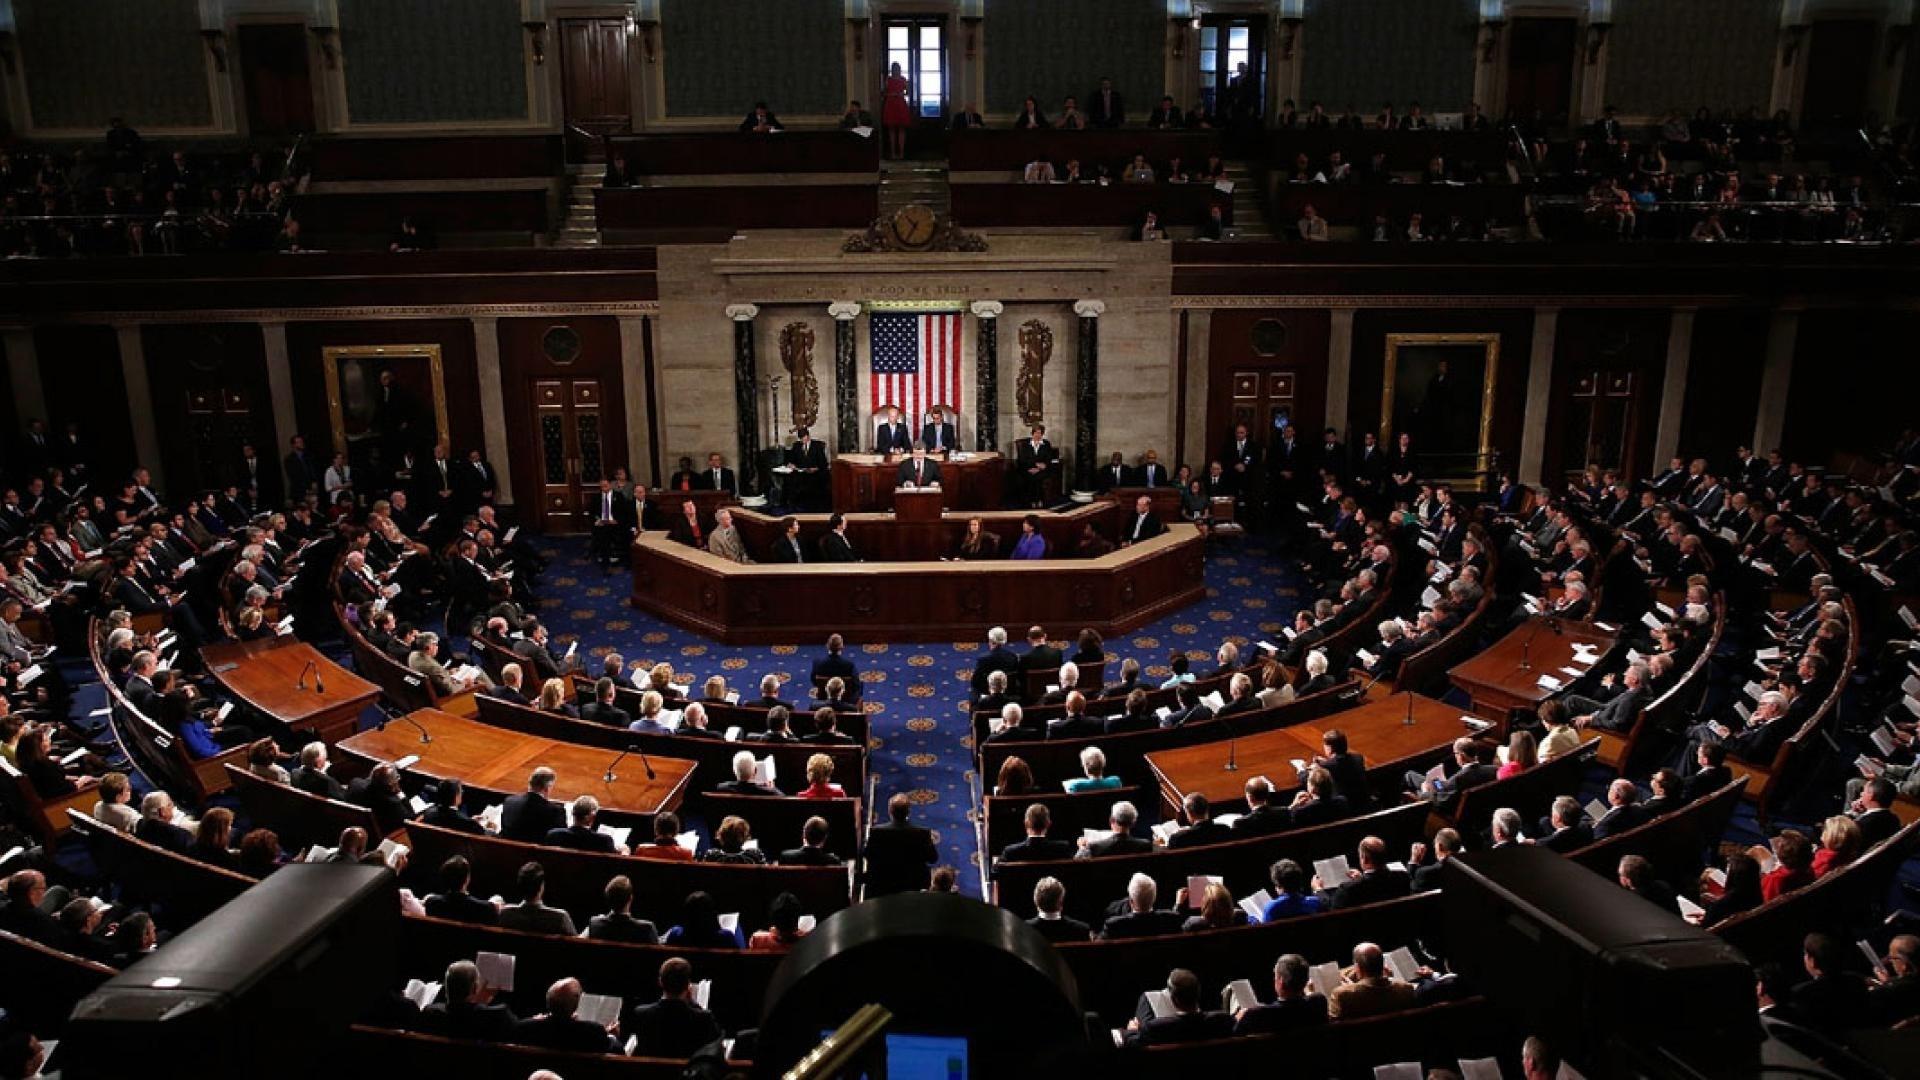 لمواجهة تداعيات كورونا.. الكونغرس الأميركي يقر خطة مساعدات بنحو 100 مليار دولار